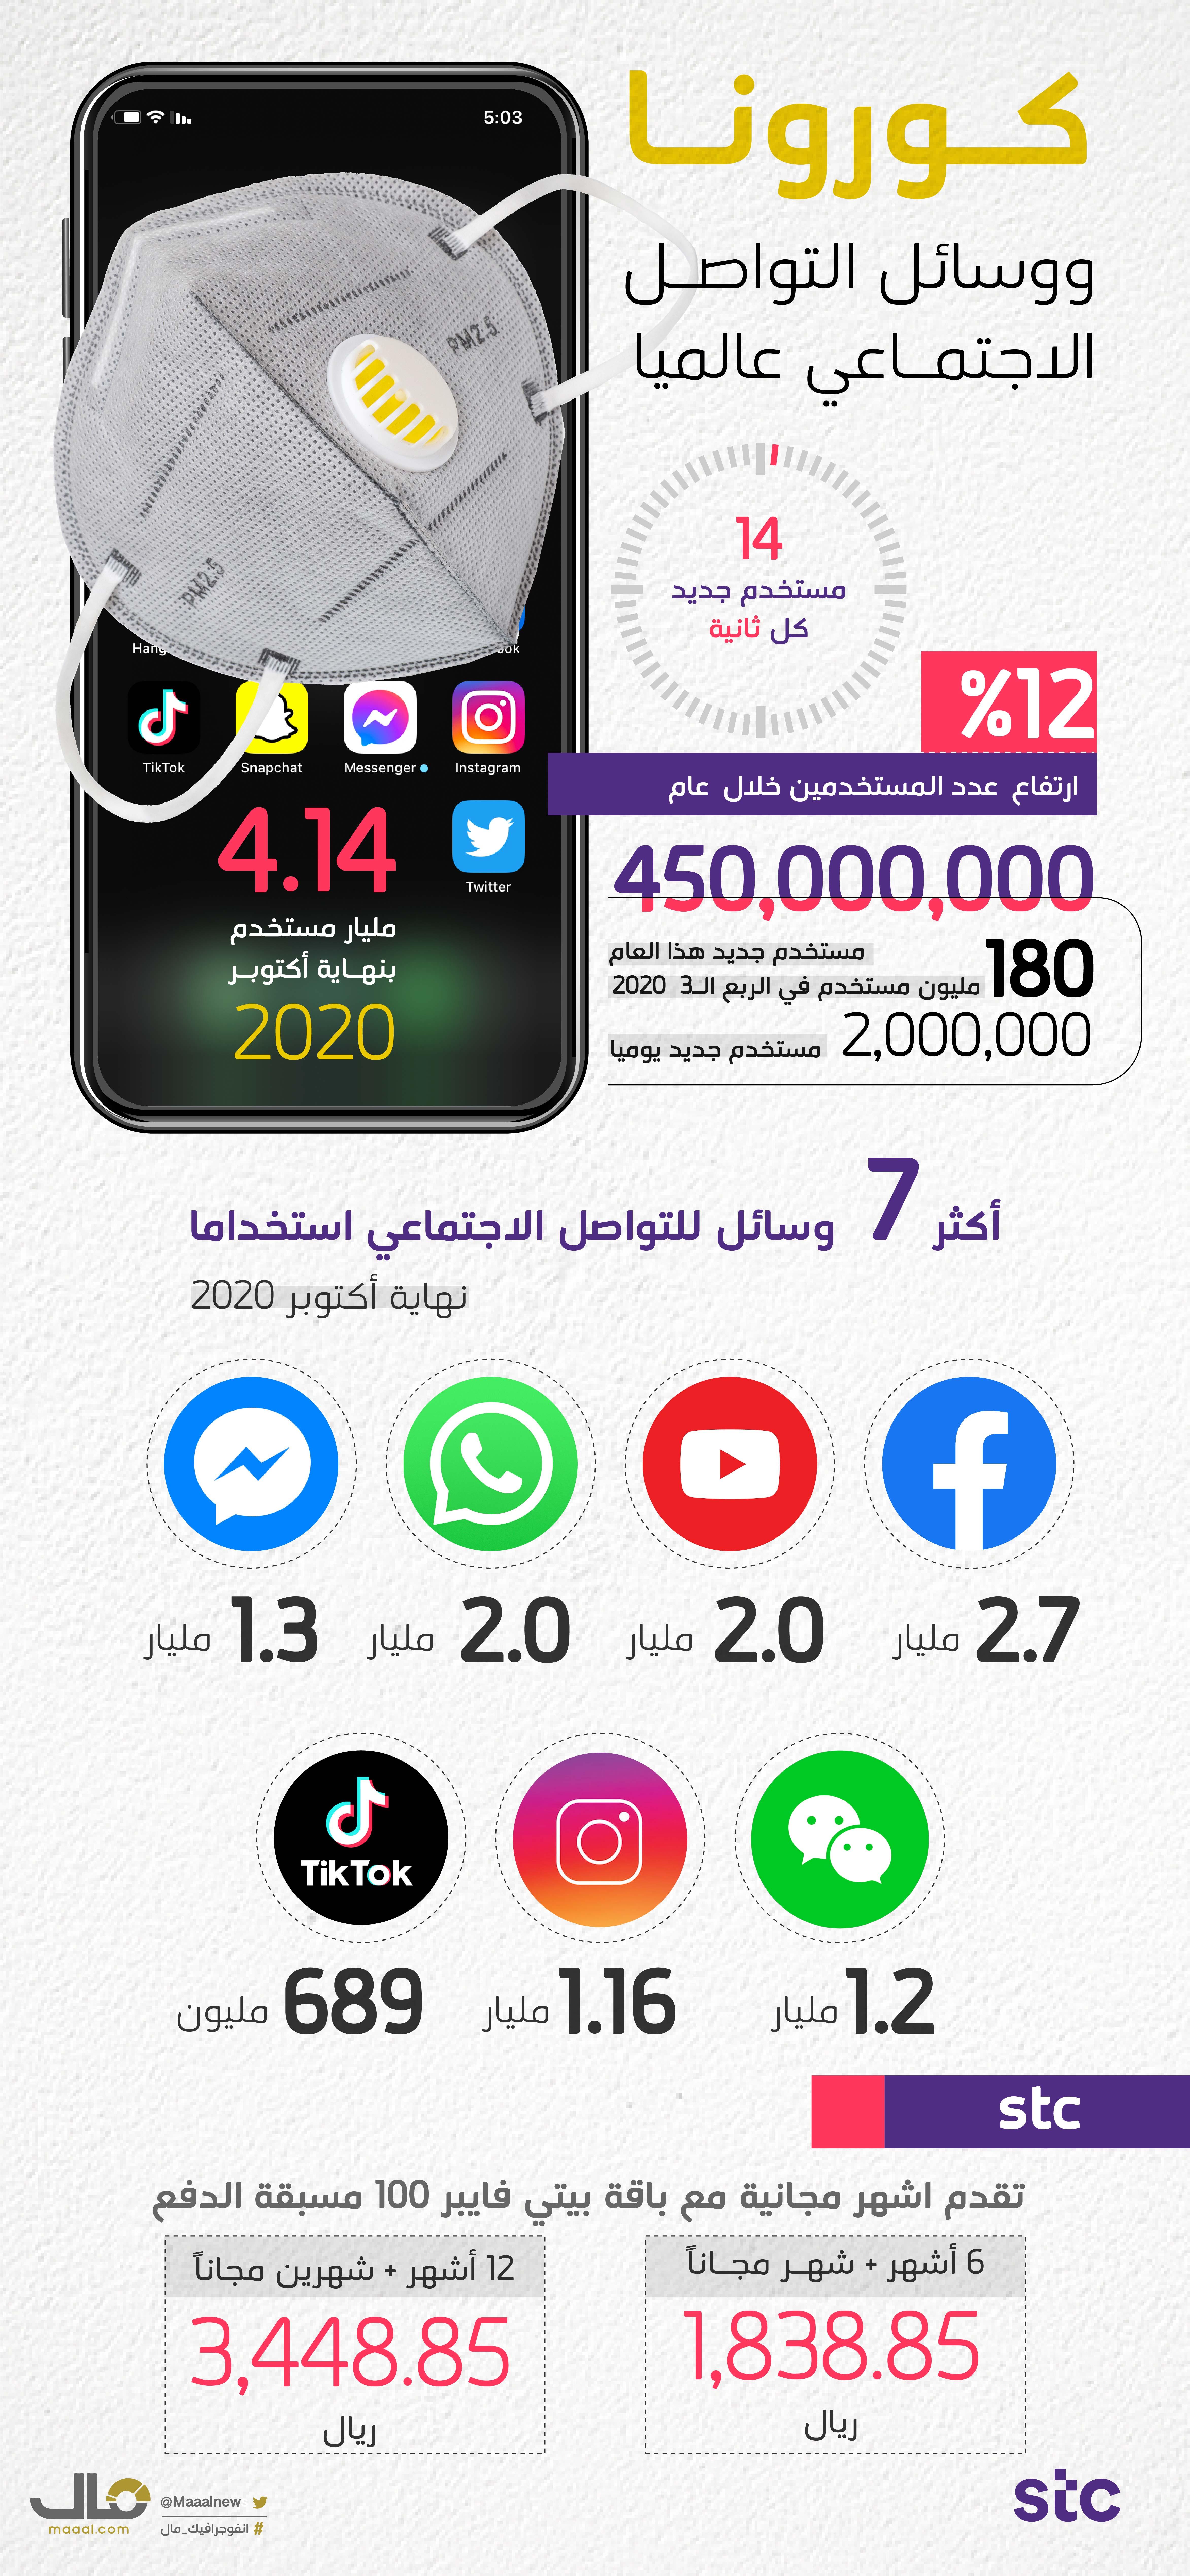 كورونا ووسائل التواصل الاجتماعي عالميا معدل-01